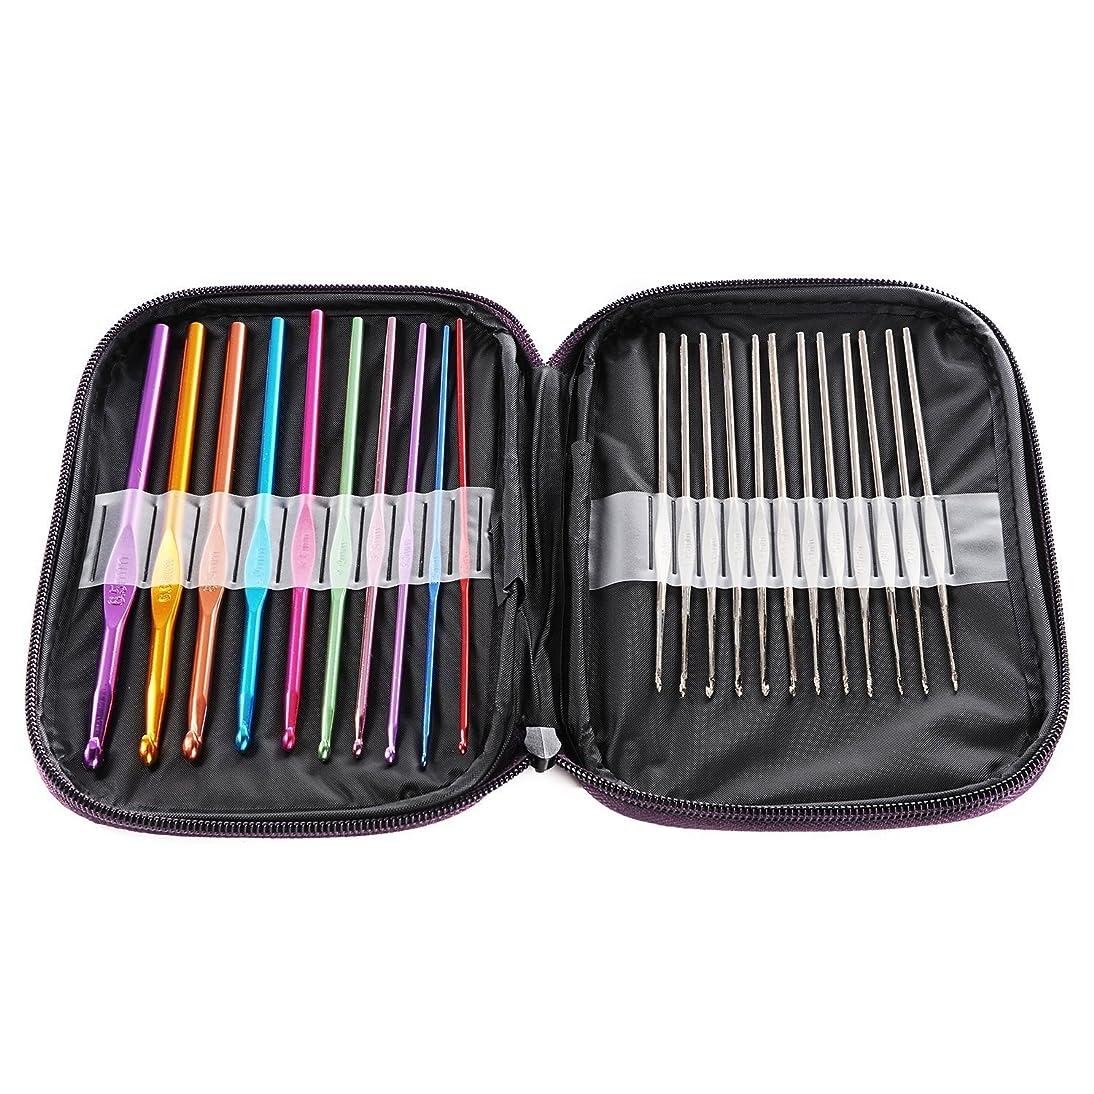 Knitting Accessory Kit Supply Set Basic Tools